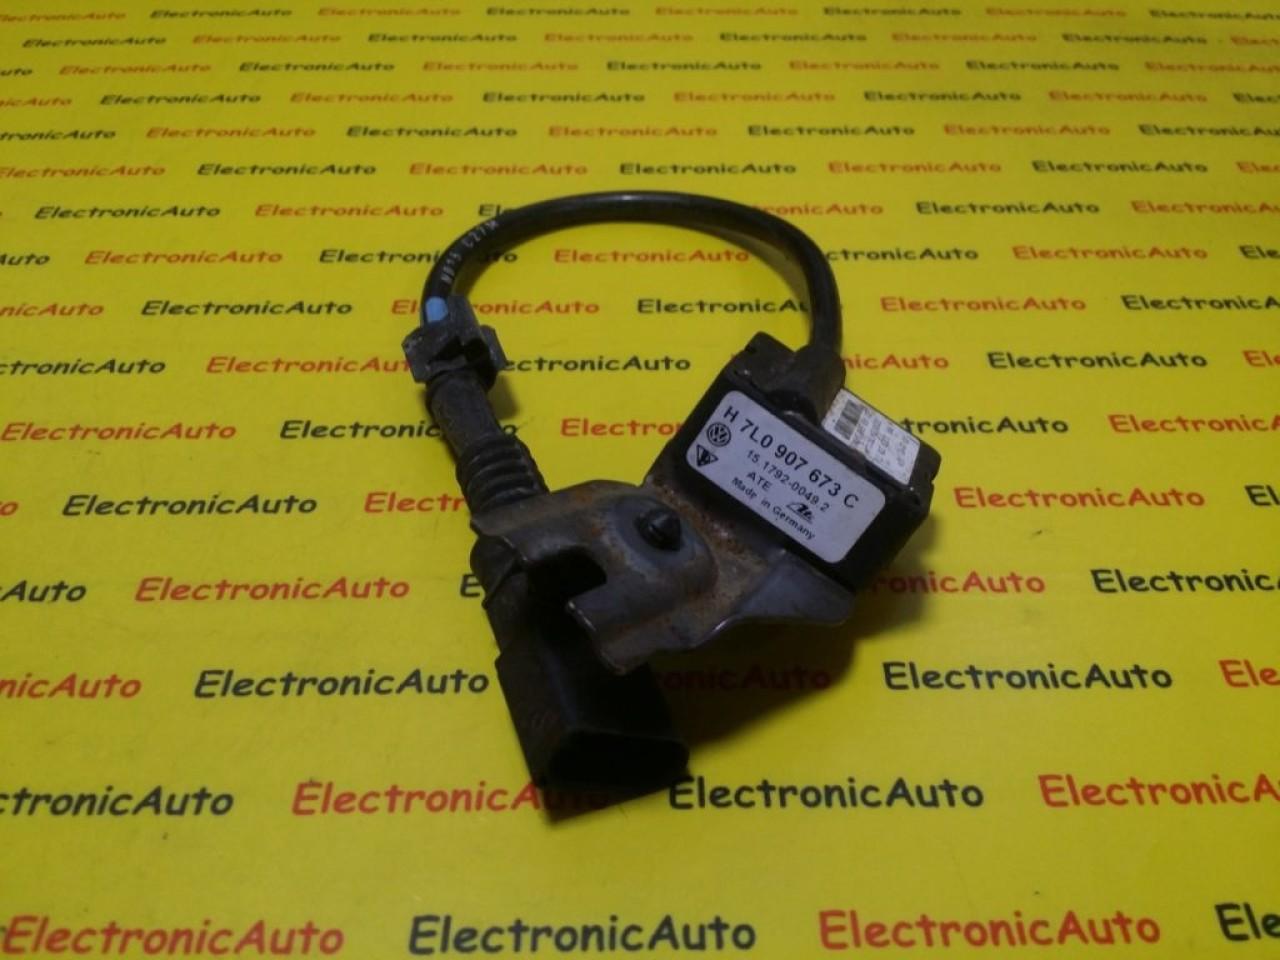 Senzor Acceleratie Vw Touareg, 7L0907673C